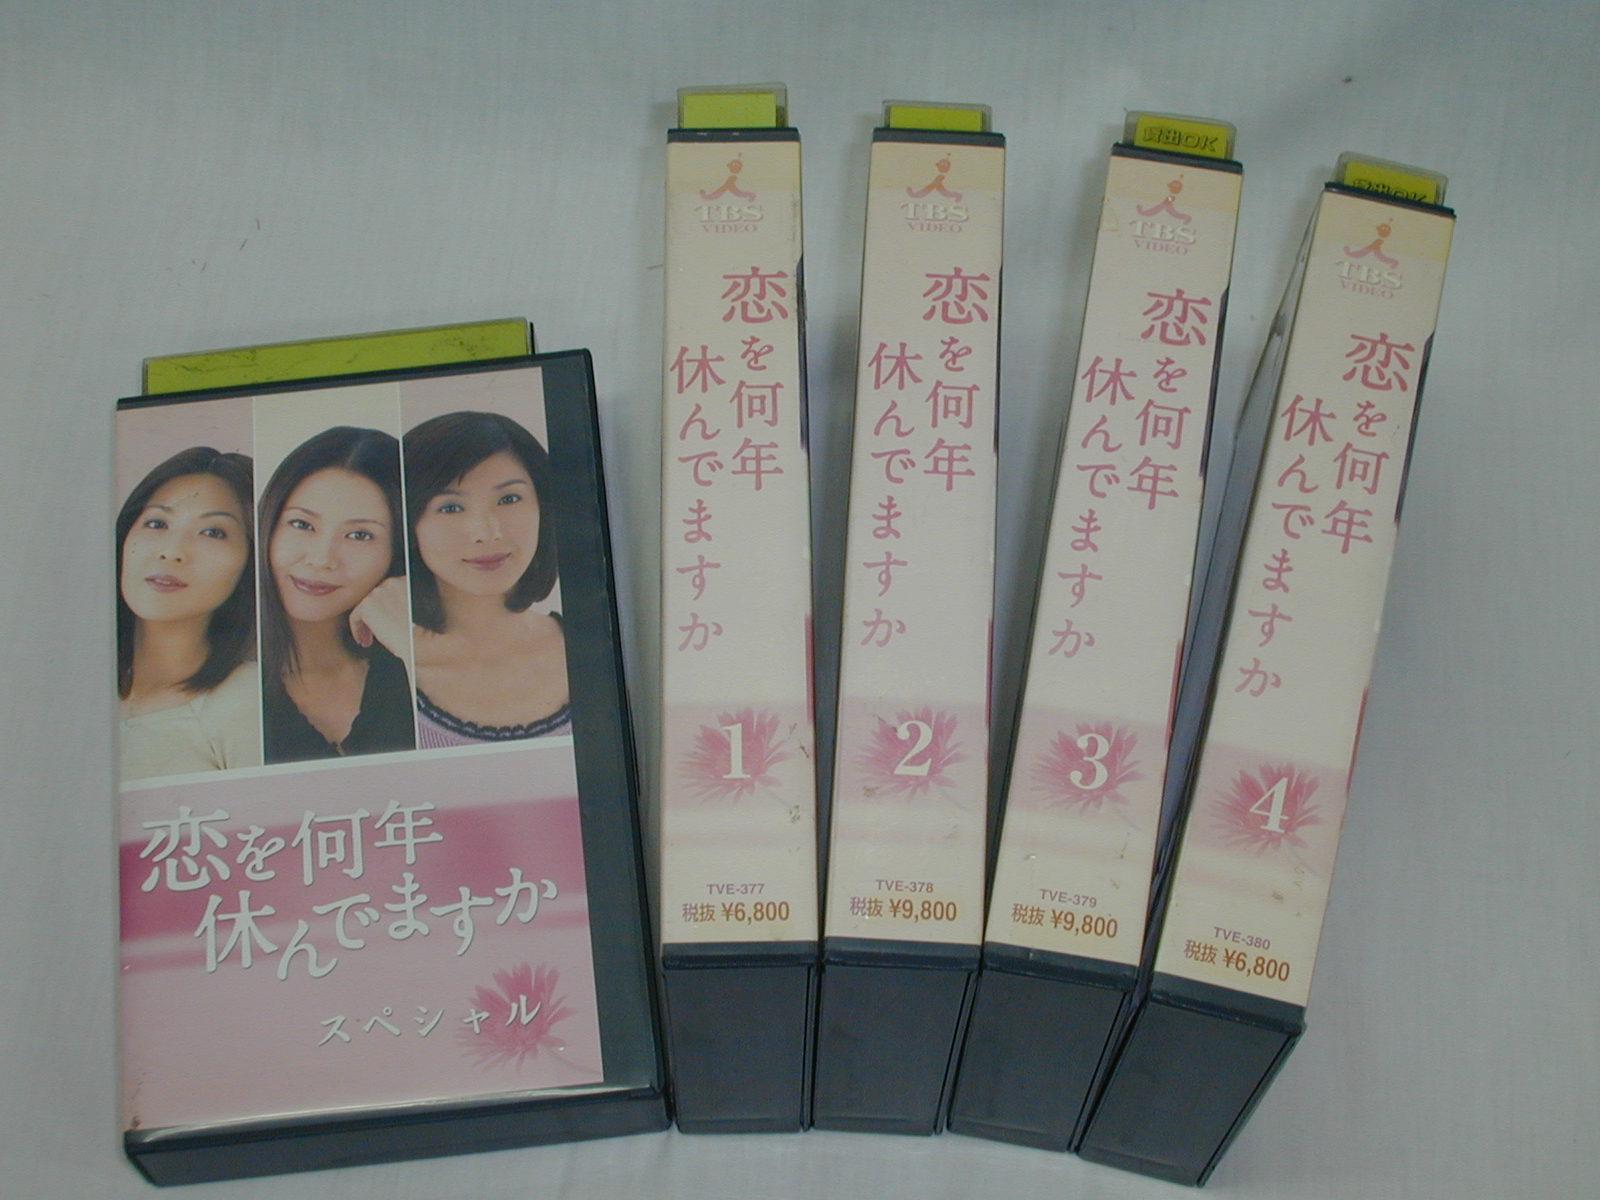 (ビデオ)TBS 恋を何年 休んでいますか 4巻とスペシャル1巻